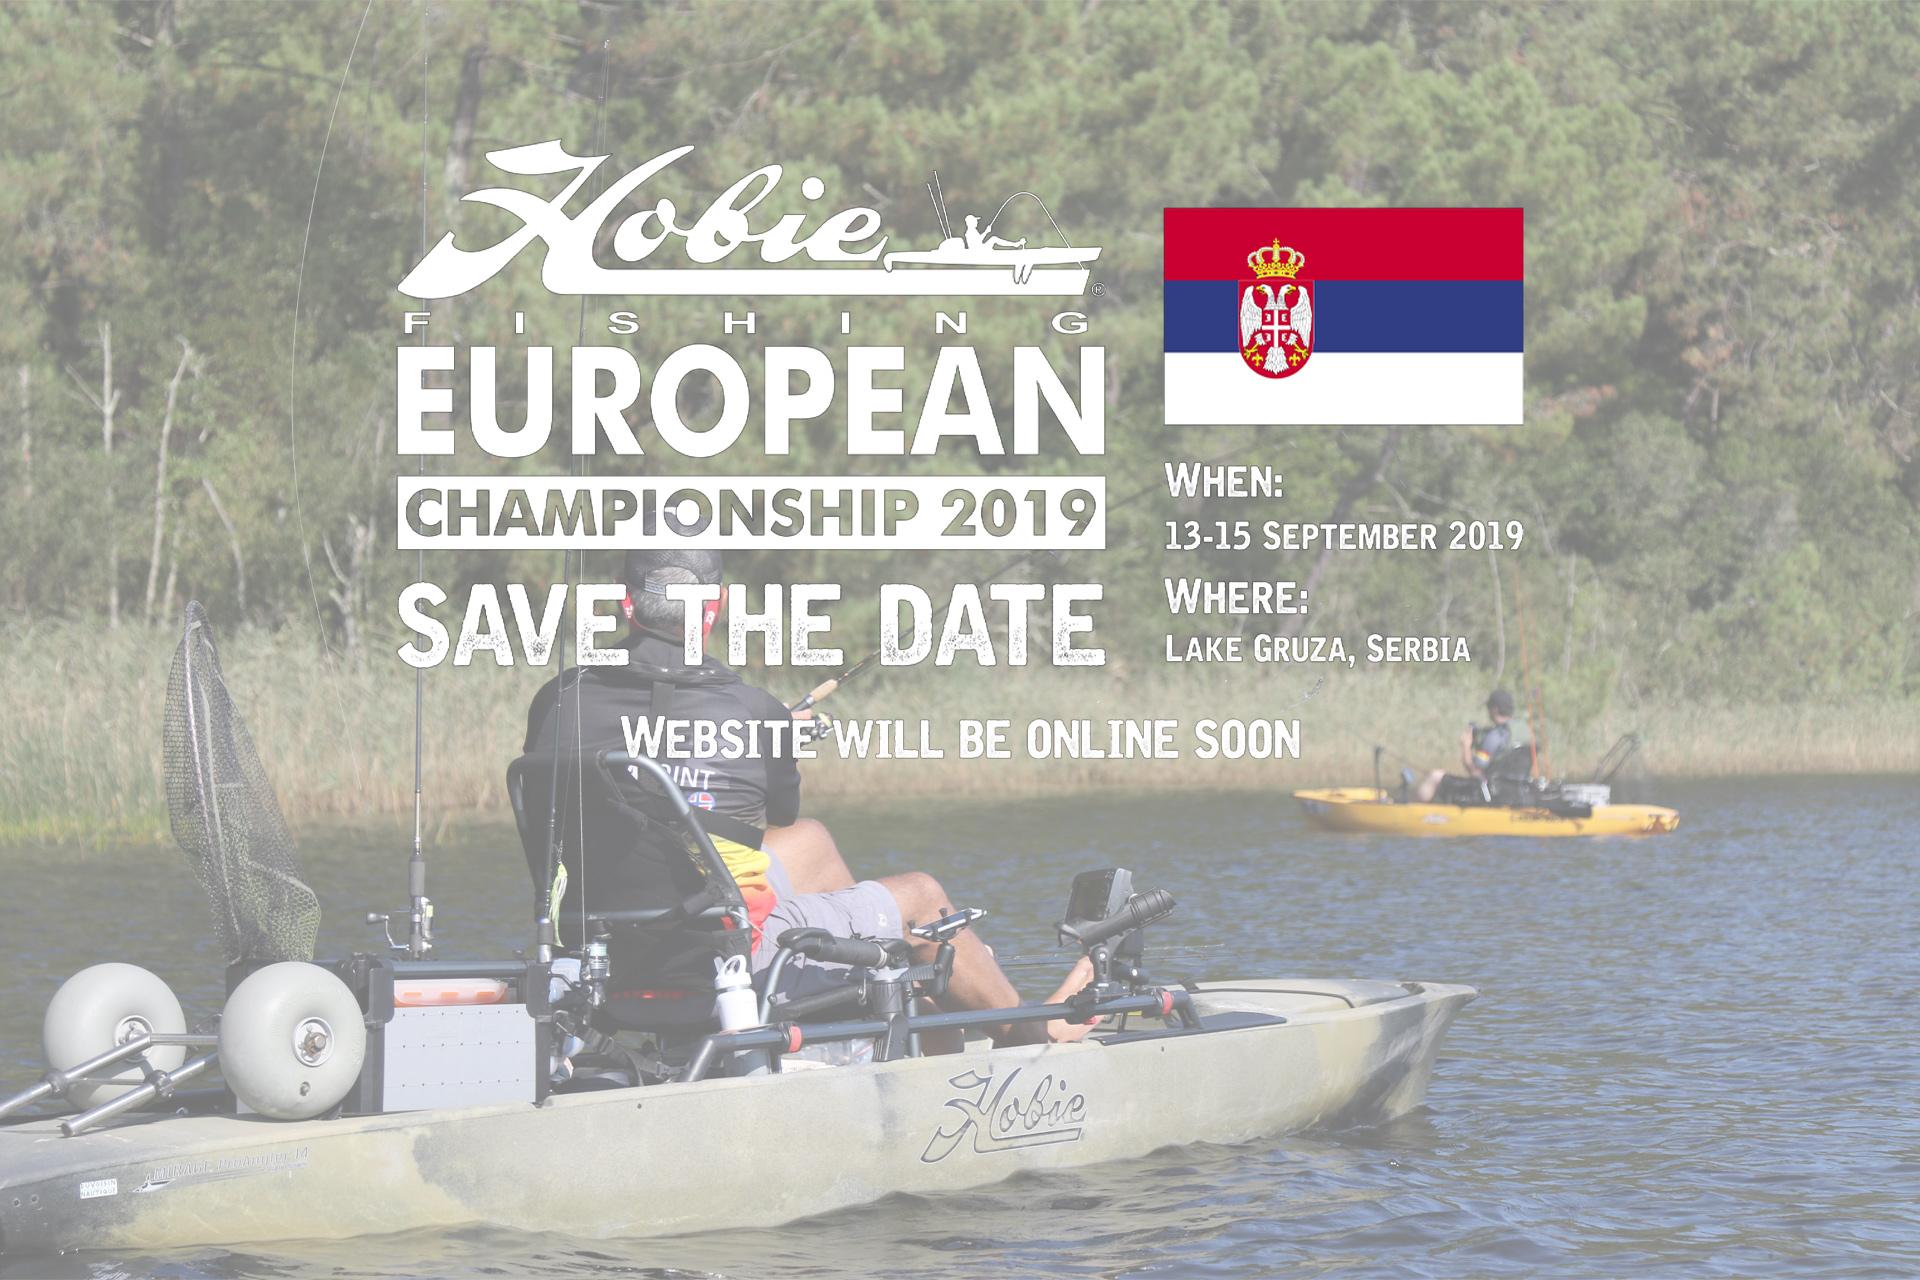 6th Hobie Fishing Euros